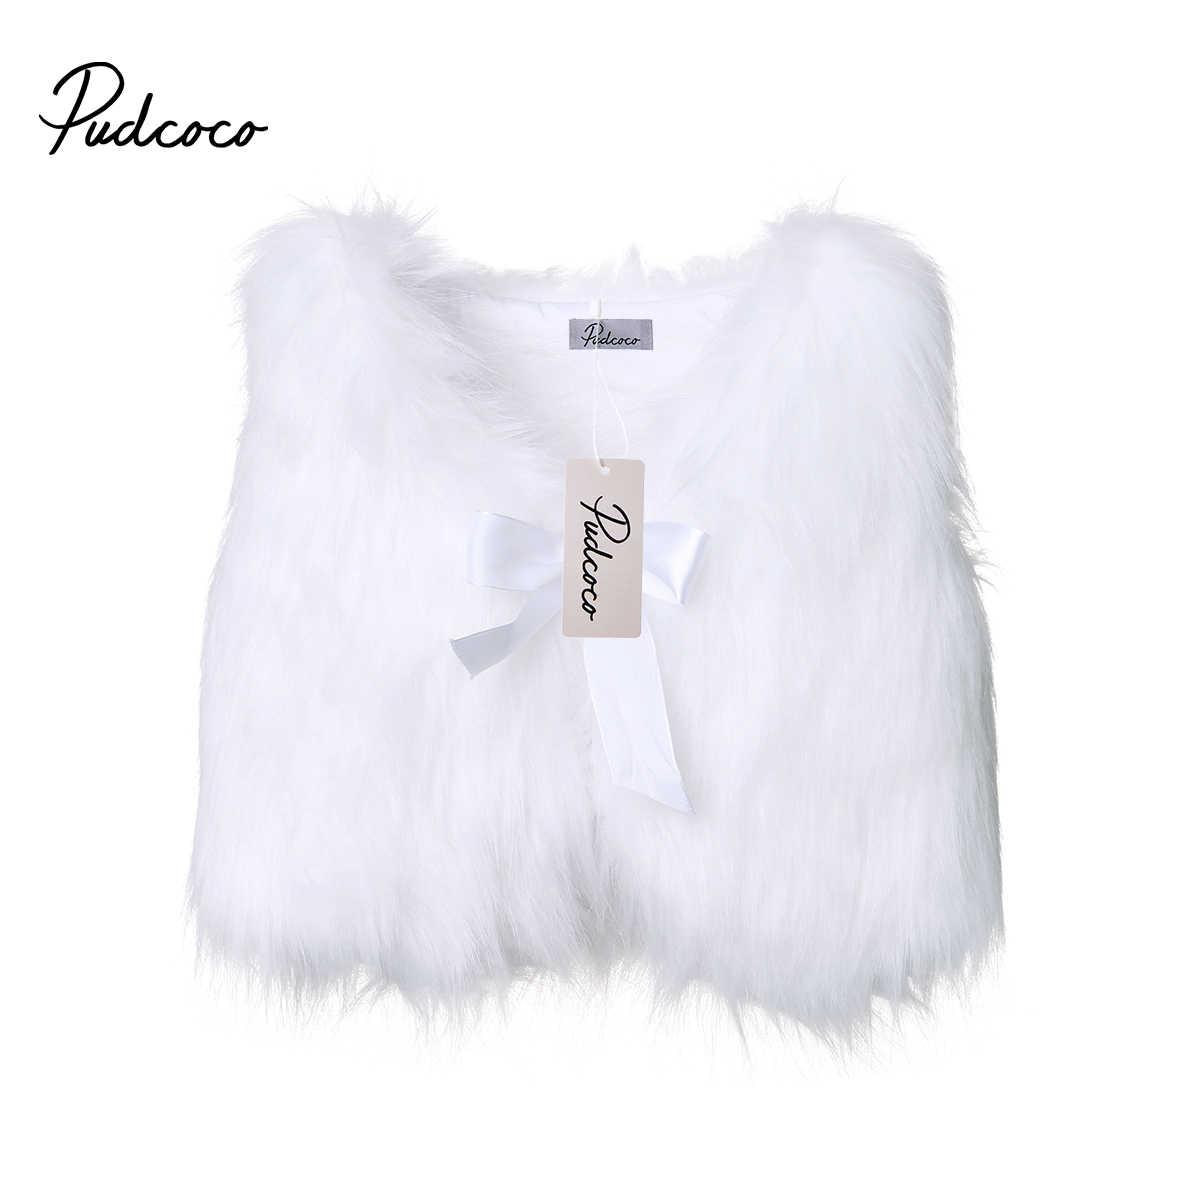 Милые детские пальто для девочек, верхняя одежда модная зимняя теплая блуза с талией из искусственного меха для малышей, безрукавка жилет принцессы